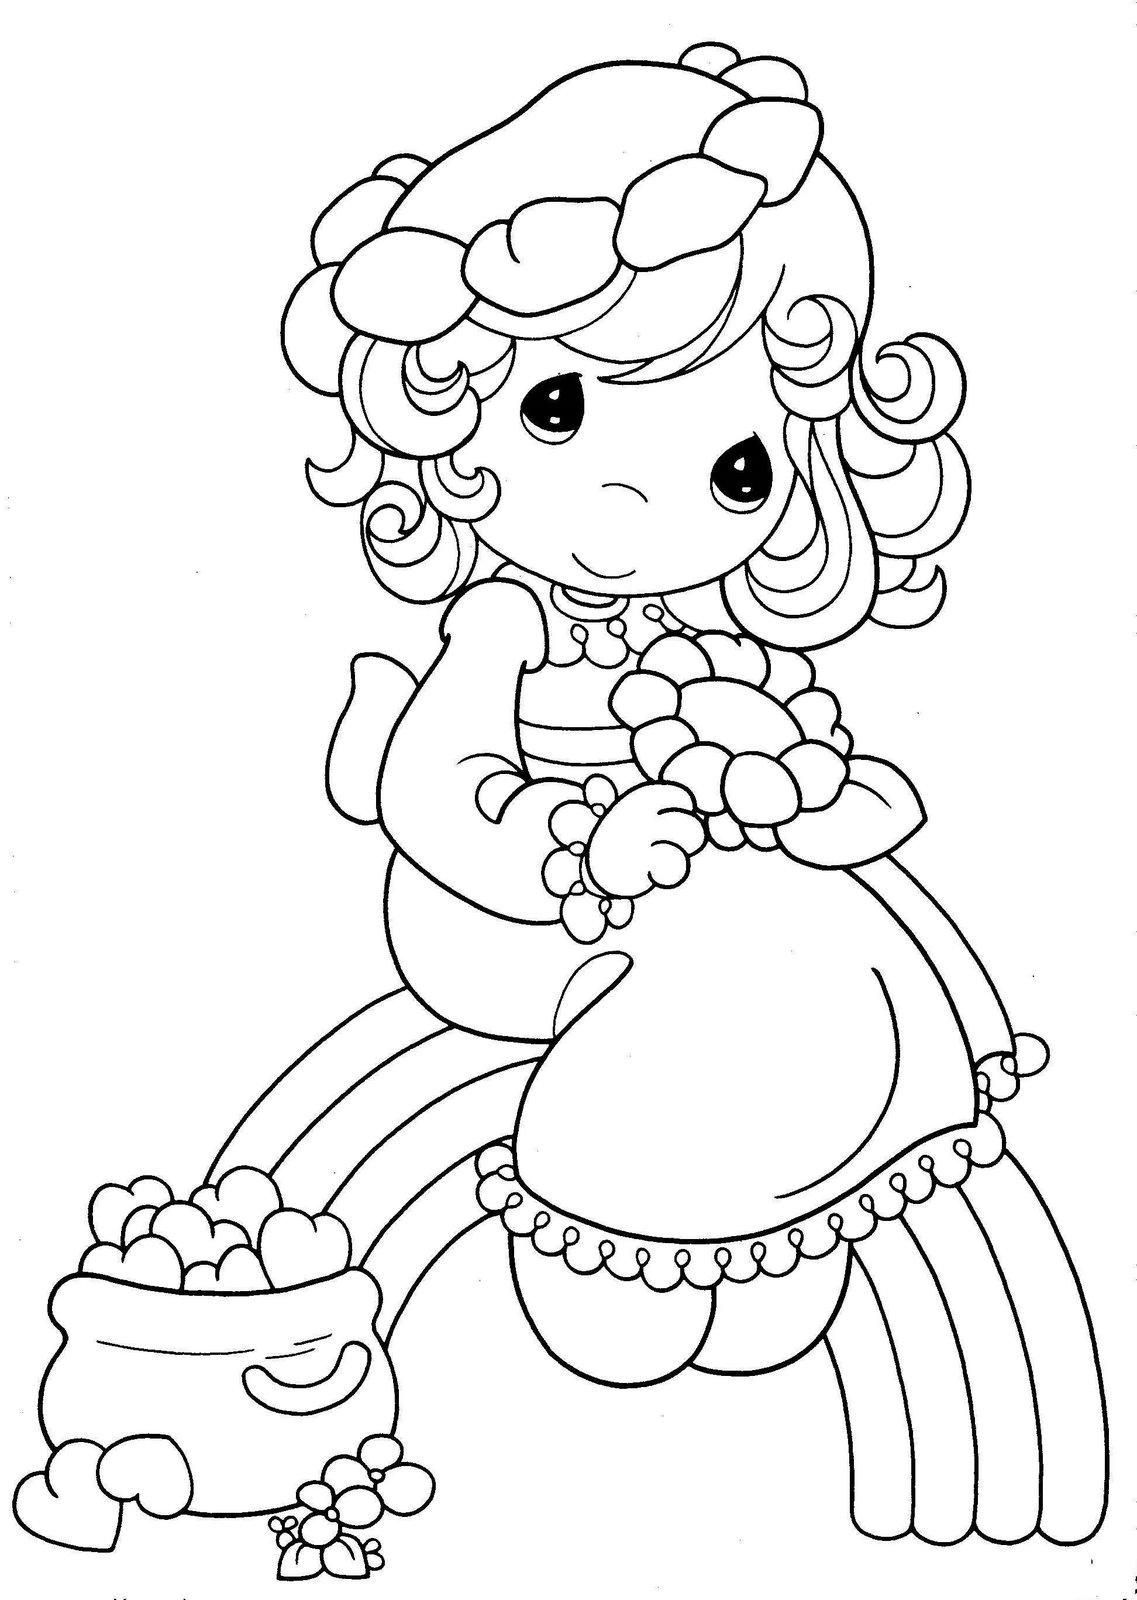 Dibujos para colorear niña - Dibujos para colorear - IMAGIXS